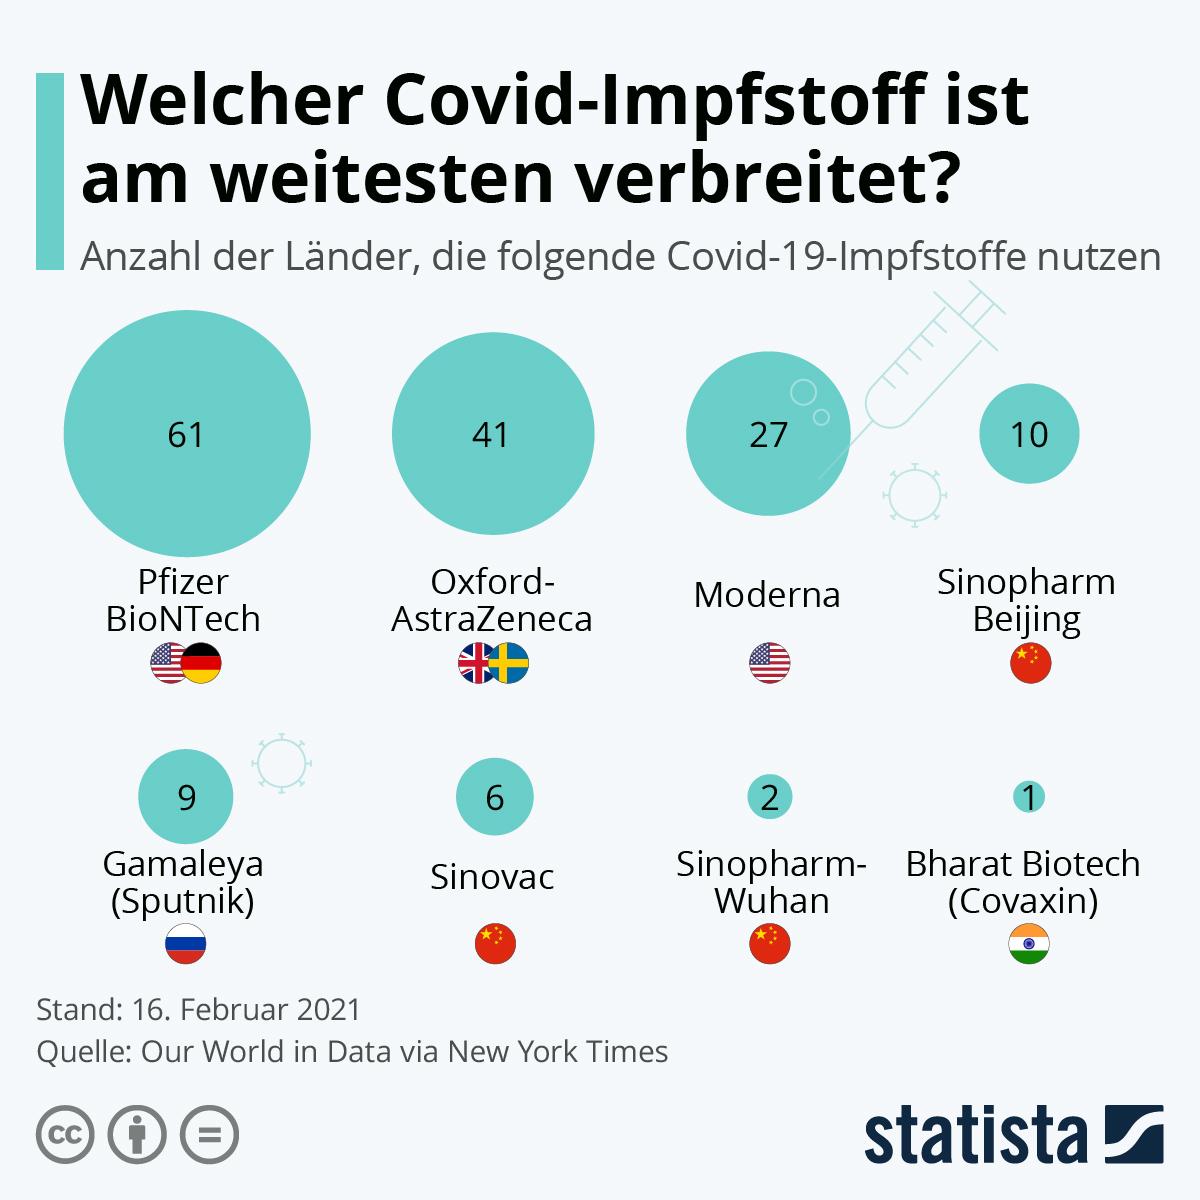 Infografik: Welcher Covid-Impfstoff ist am weitesten verbreitet? | Statista